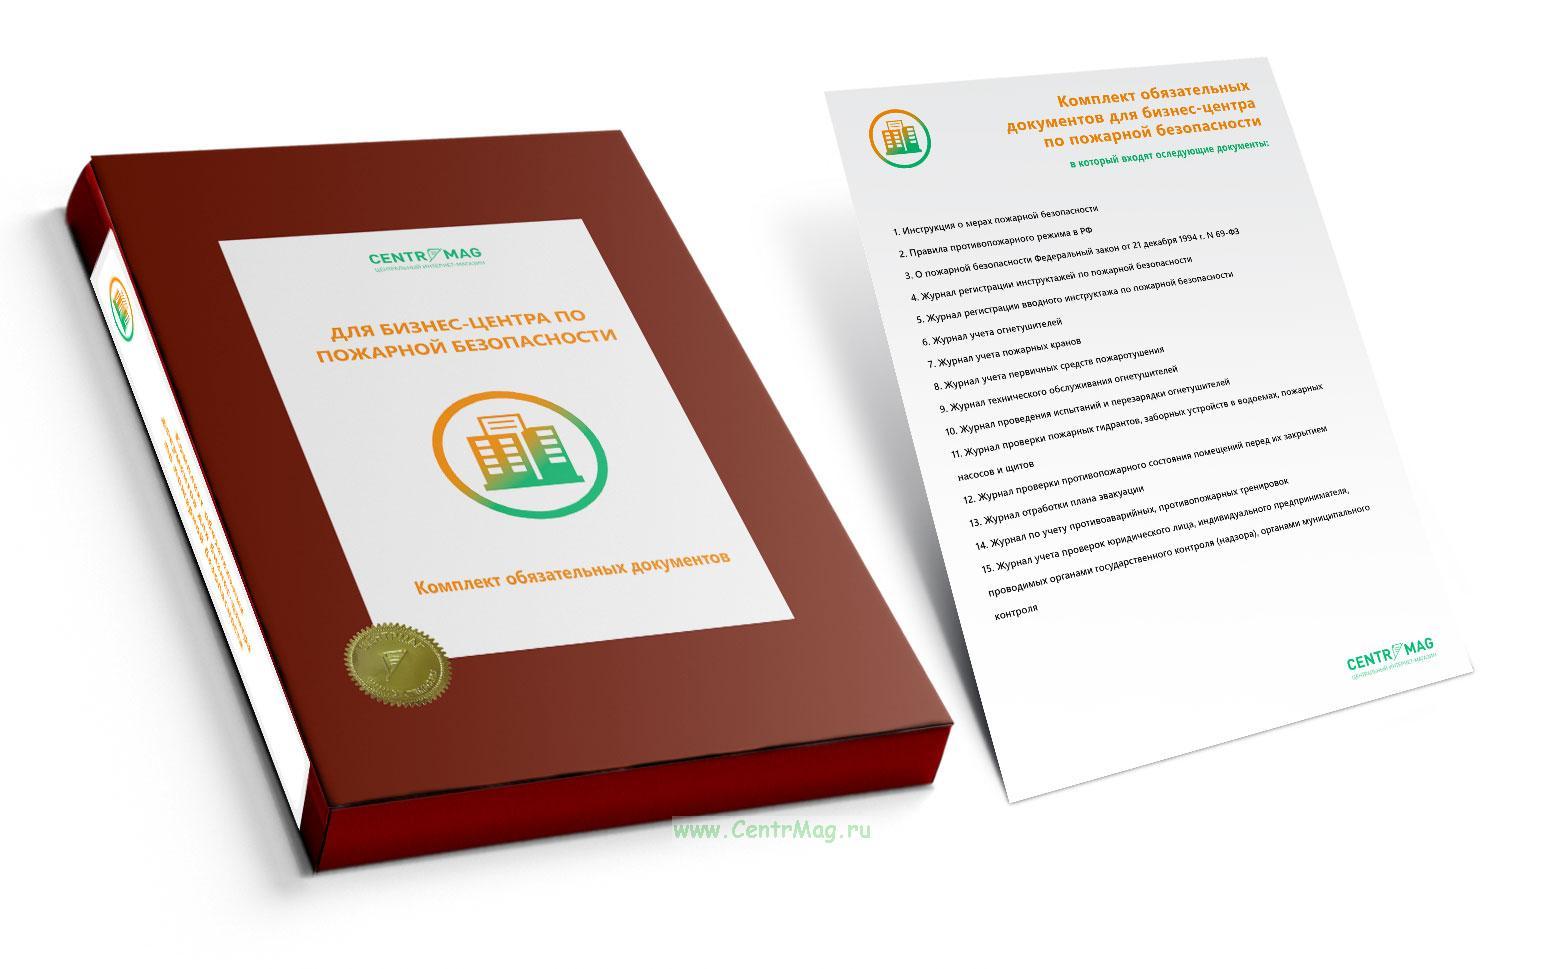 Комплект обязательных документов для бизнес-центра по пожарной безопасности